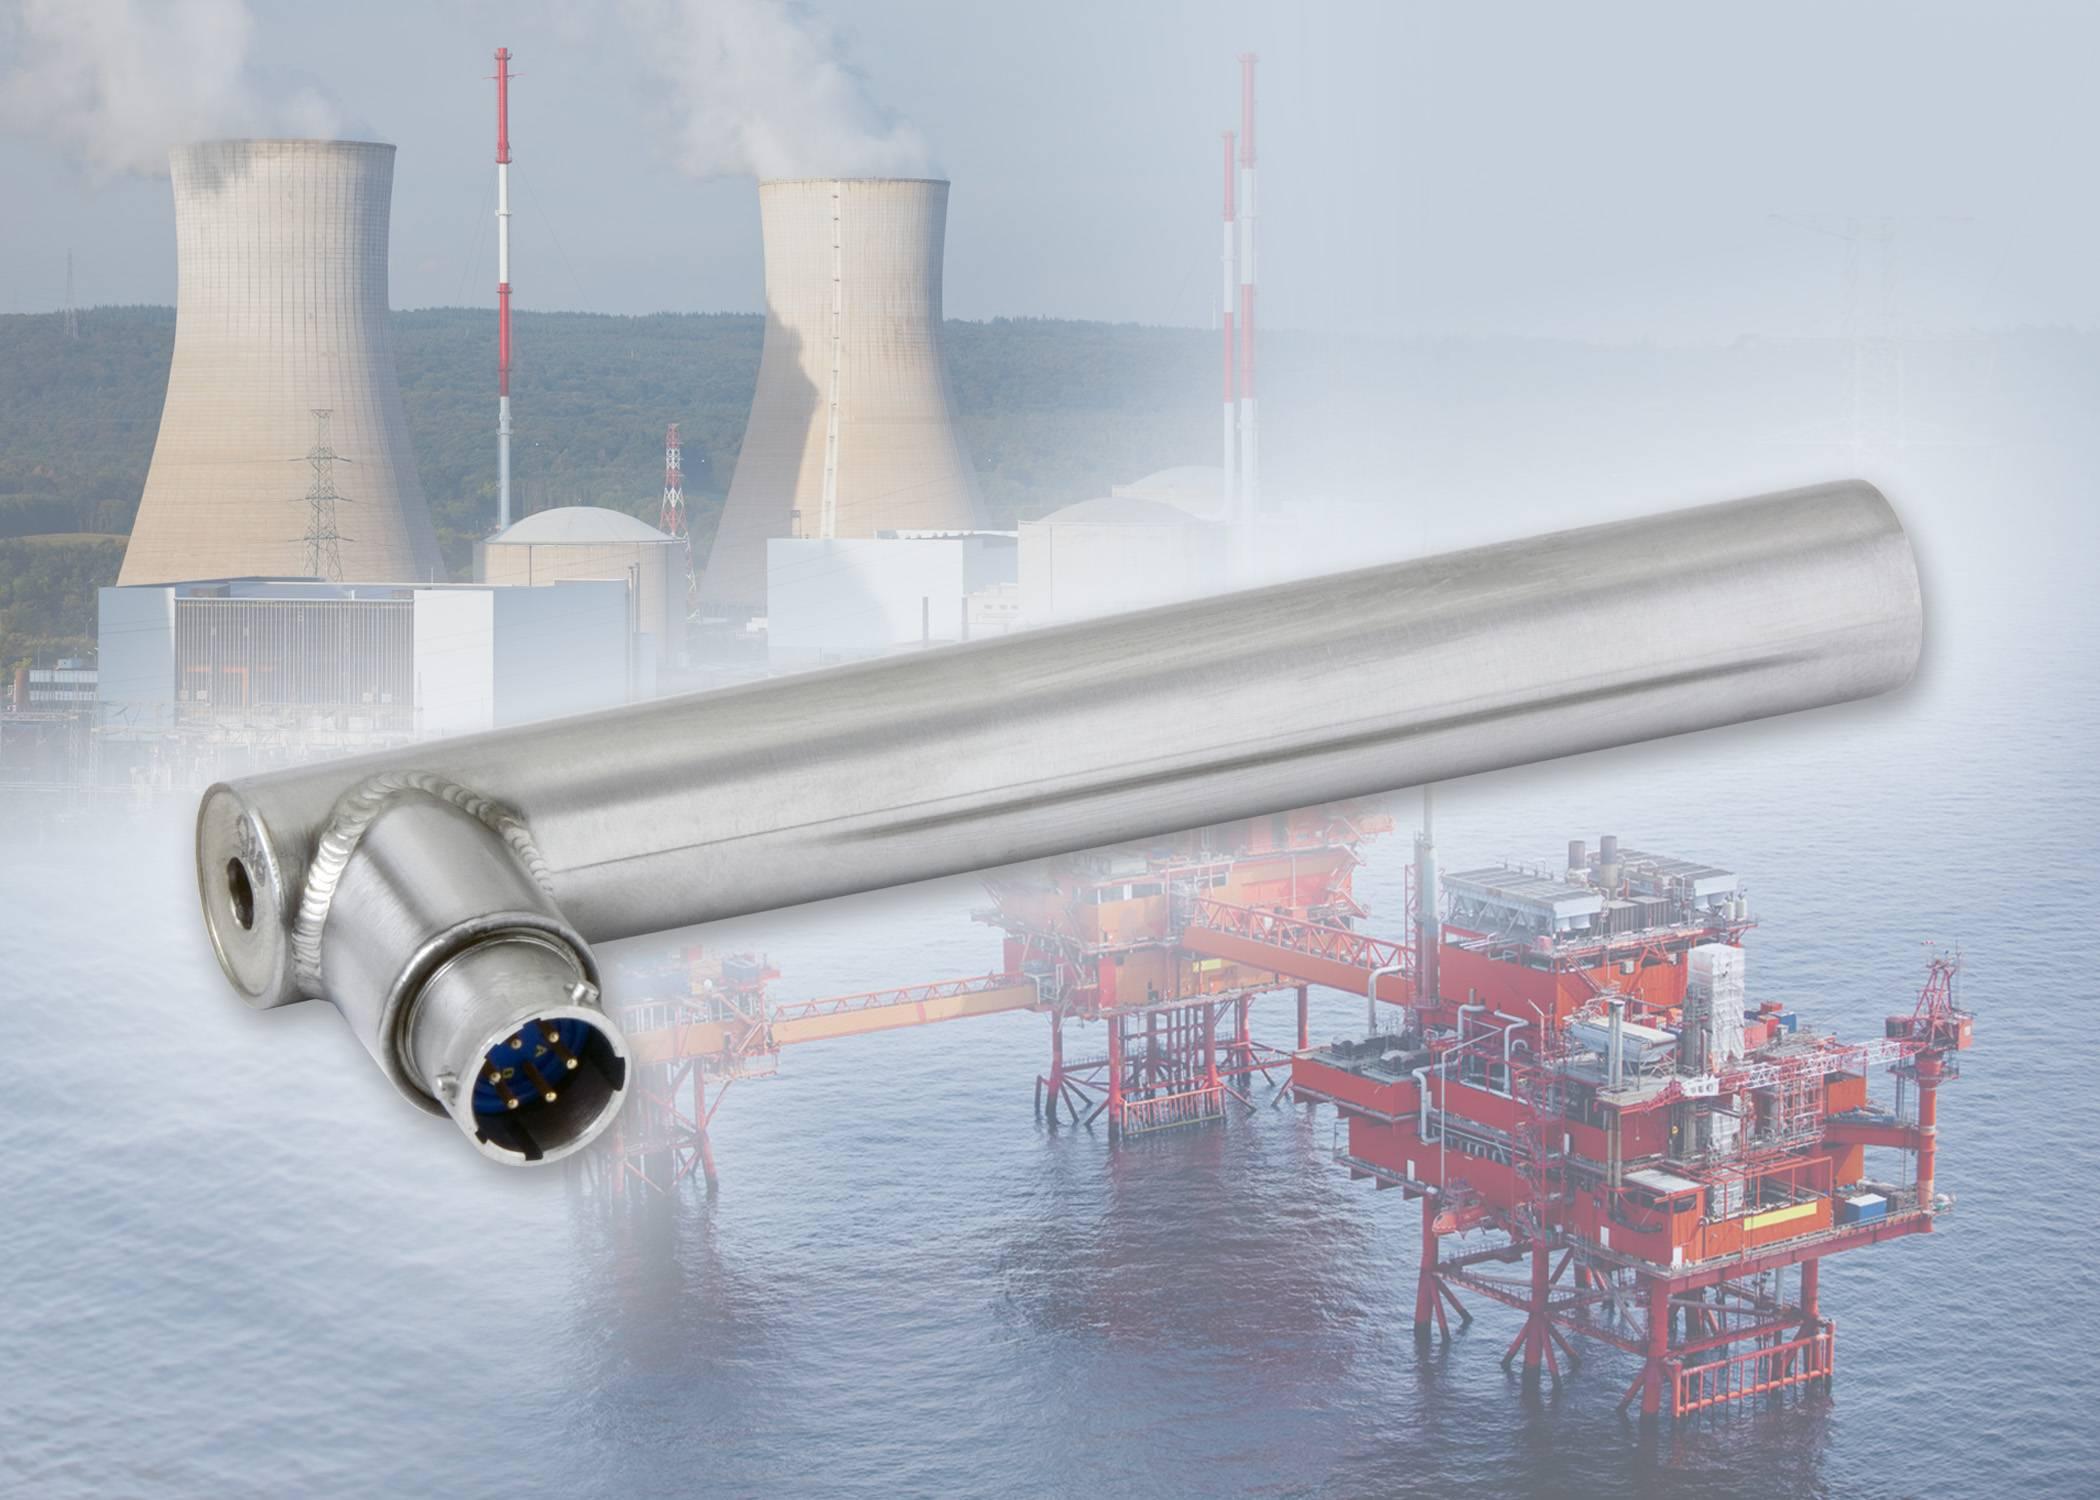 Chemical Sensors for Hostile Environments